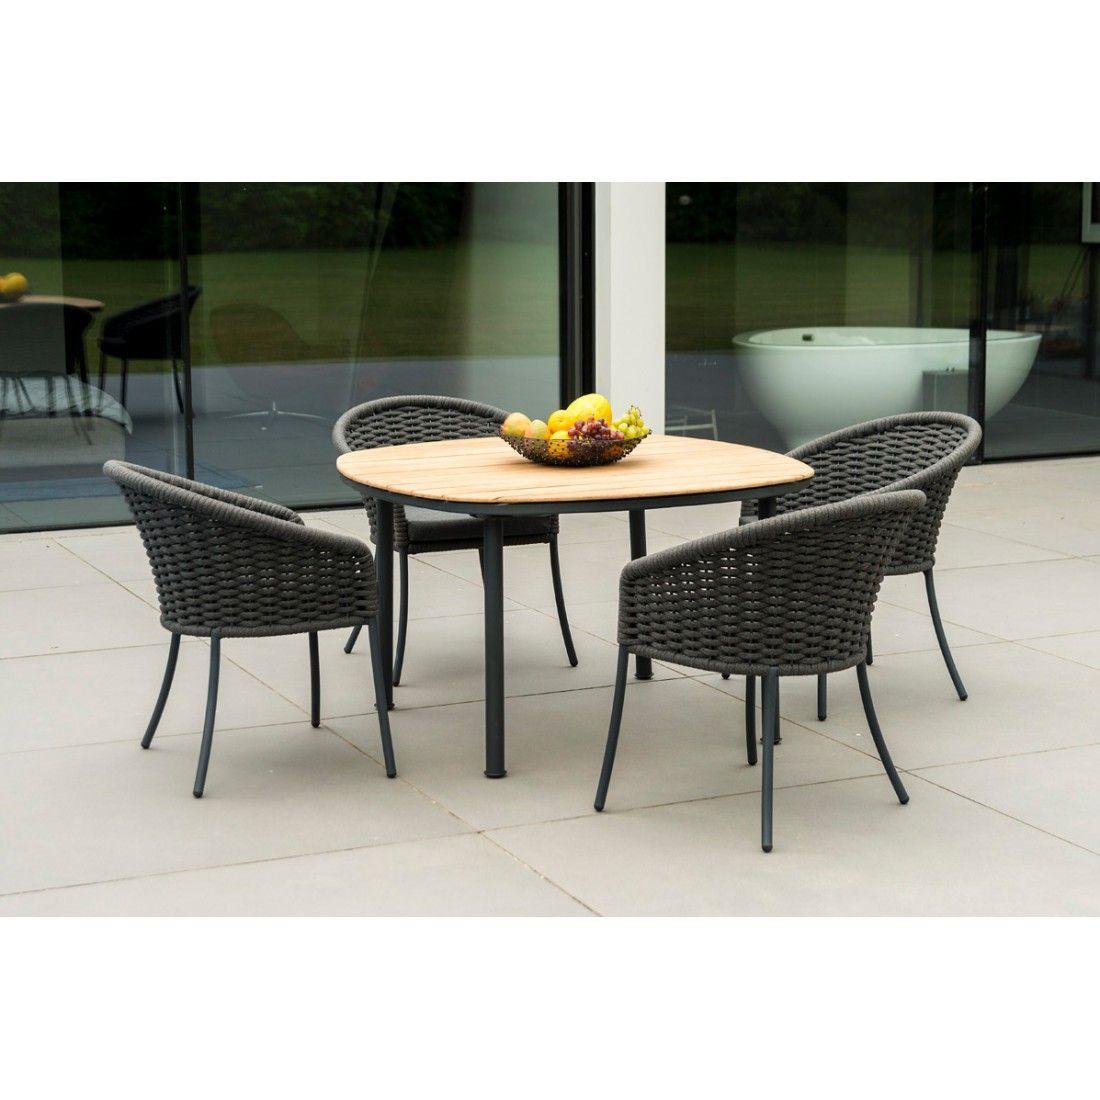 Table de jardin 120 x 120 cm en alu gris ou beige et bois de roble, Cordial